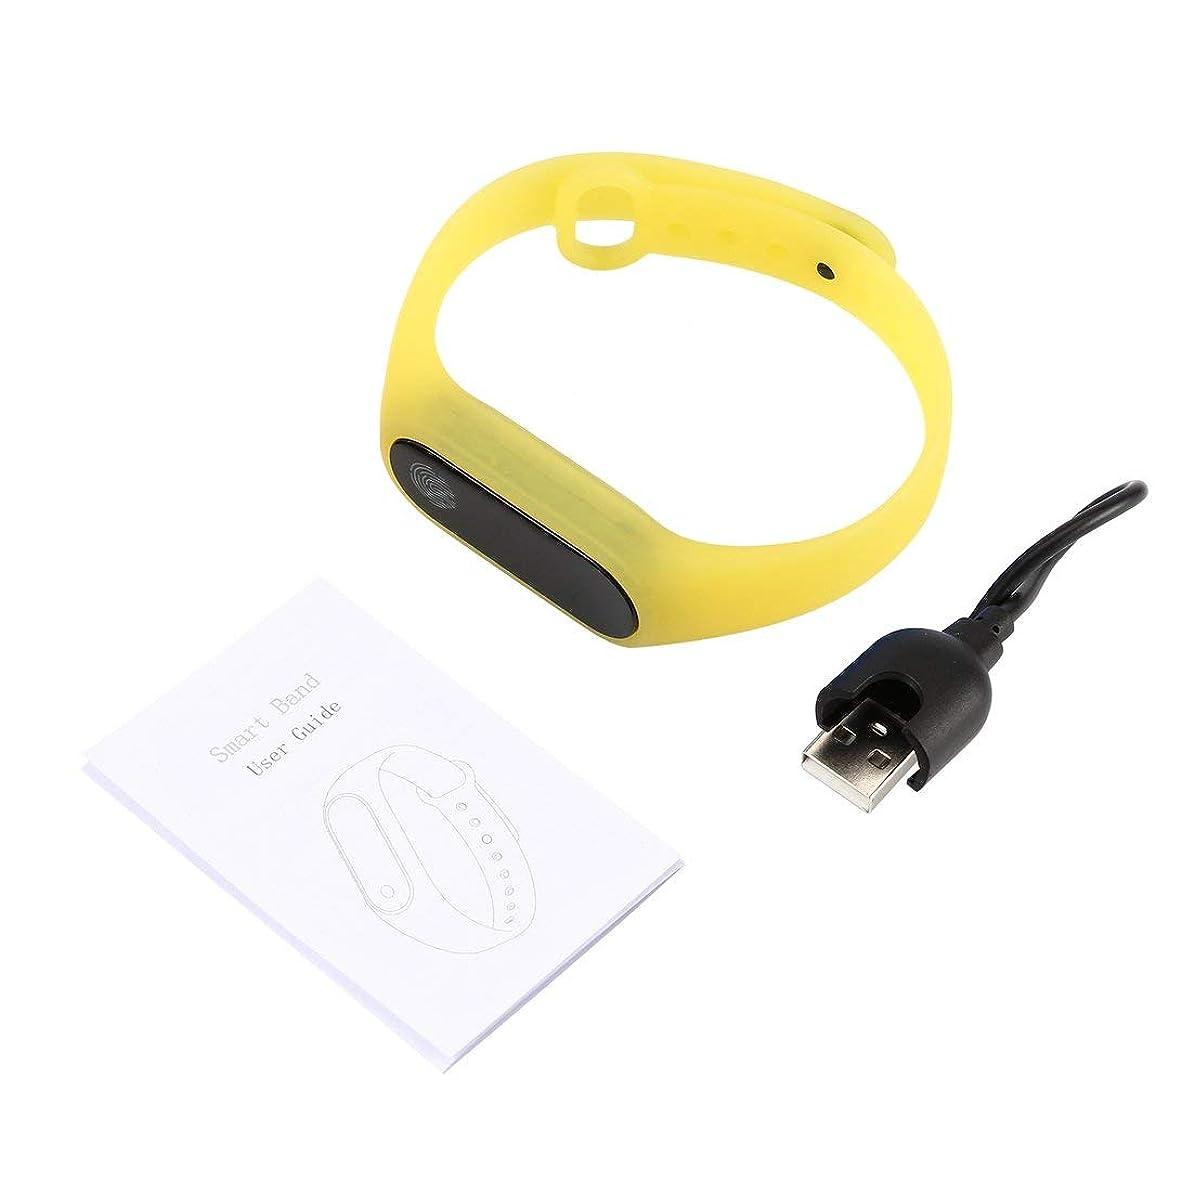 適合しました汚染されたどうやらSwiftgood 0.42インチOLEDディスプレイスマートバンド心拍数モニター時間表示スリープモニターIOS向けヘルスケアスマートバンド